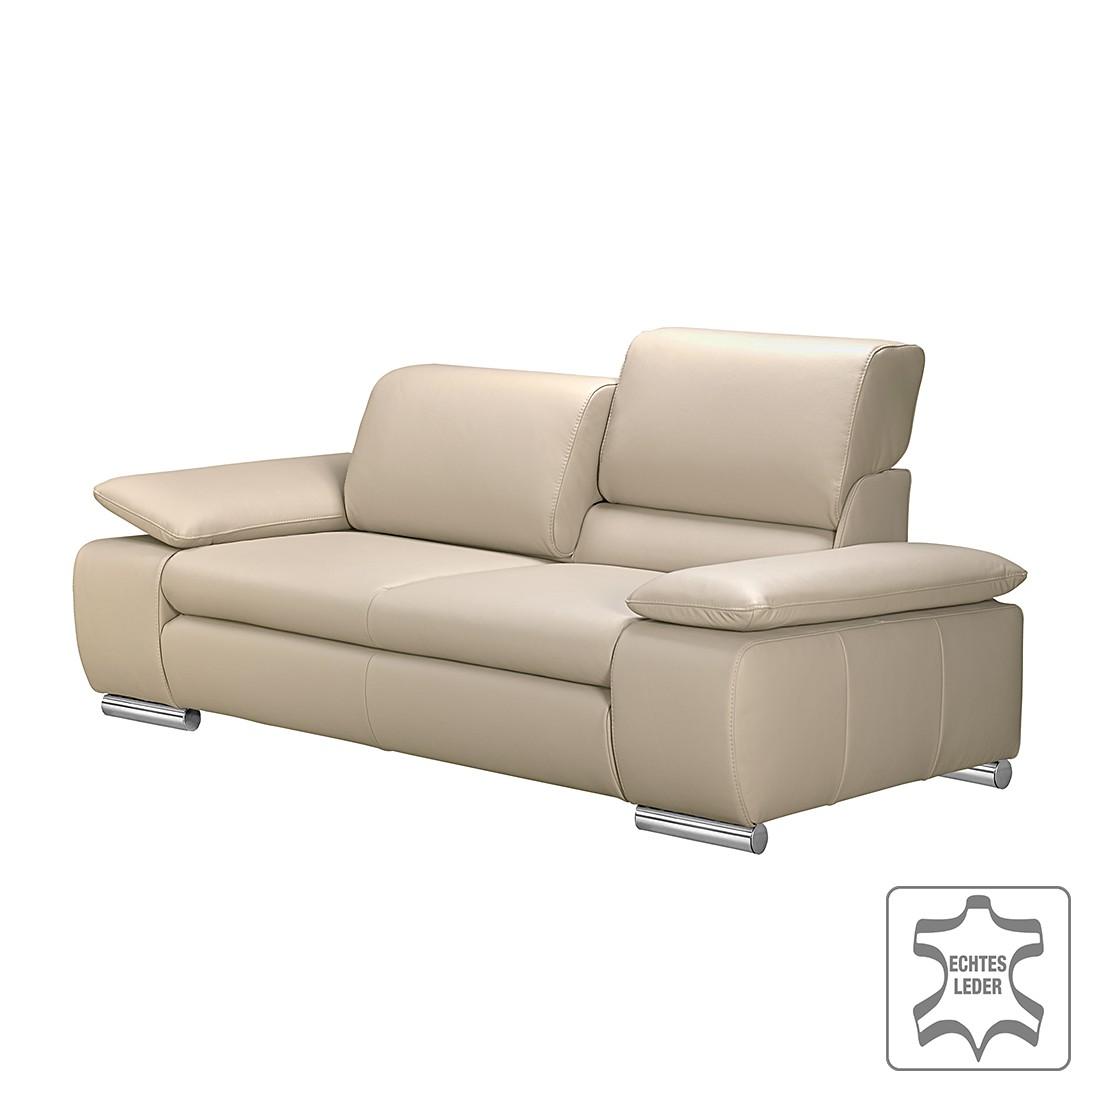 Canapé Masca (2 places) - Cuir véritable beige, Fredriks